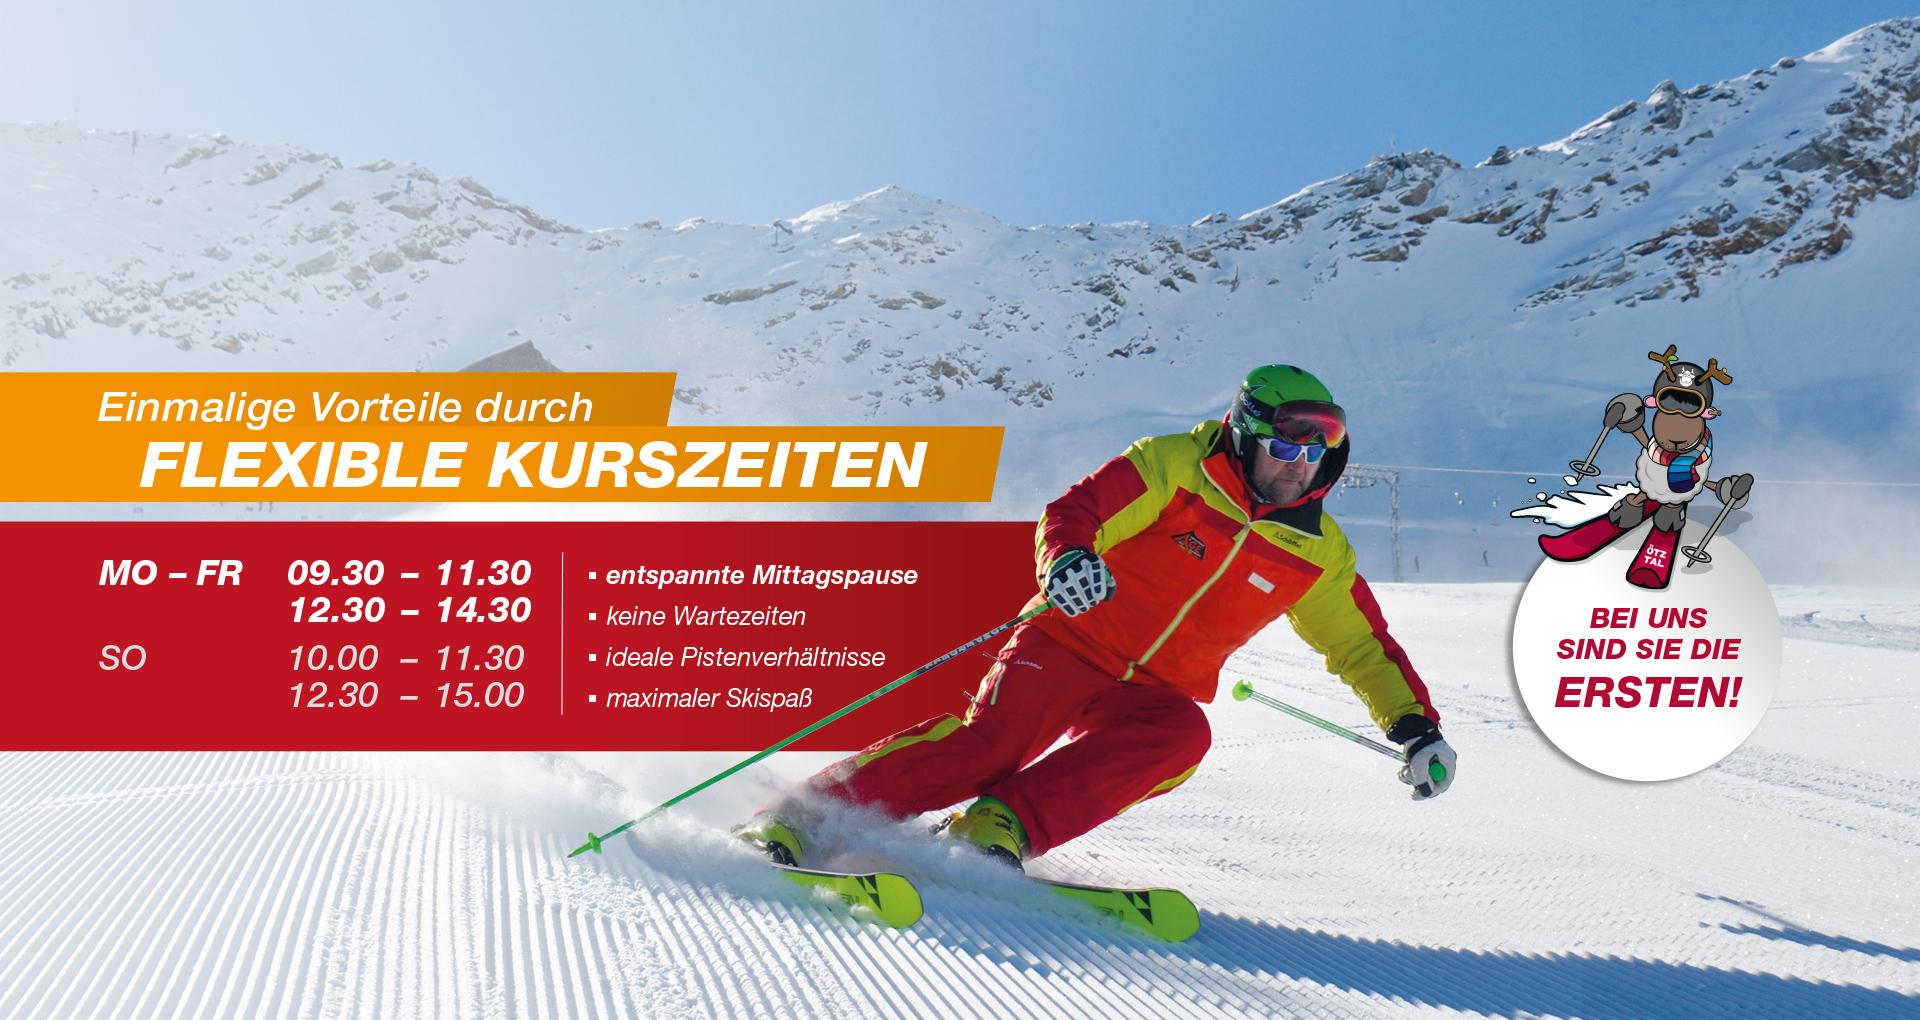 age_website-header_kurszeiten_1920x1020px_DE_NEU